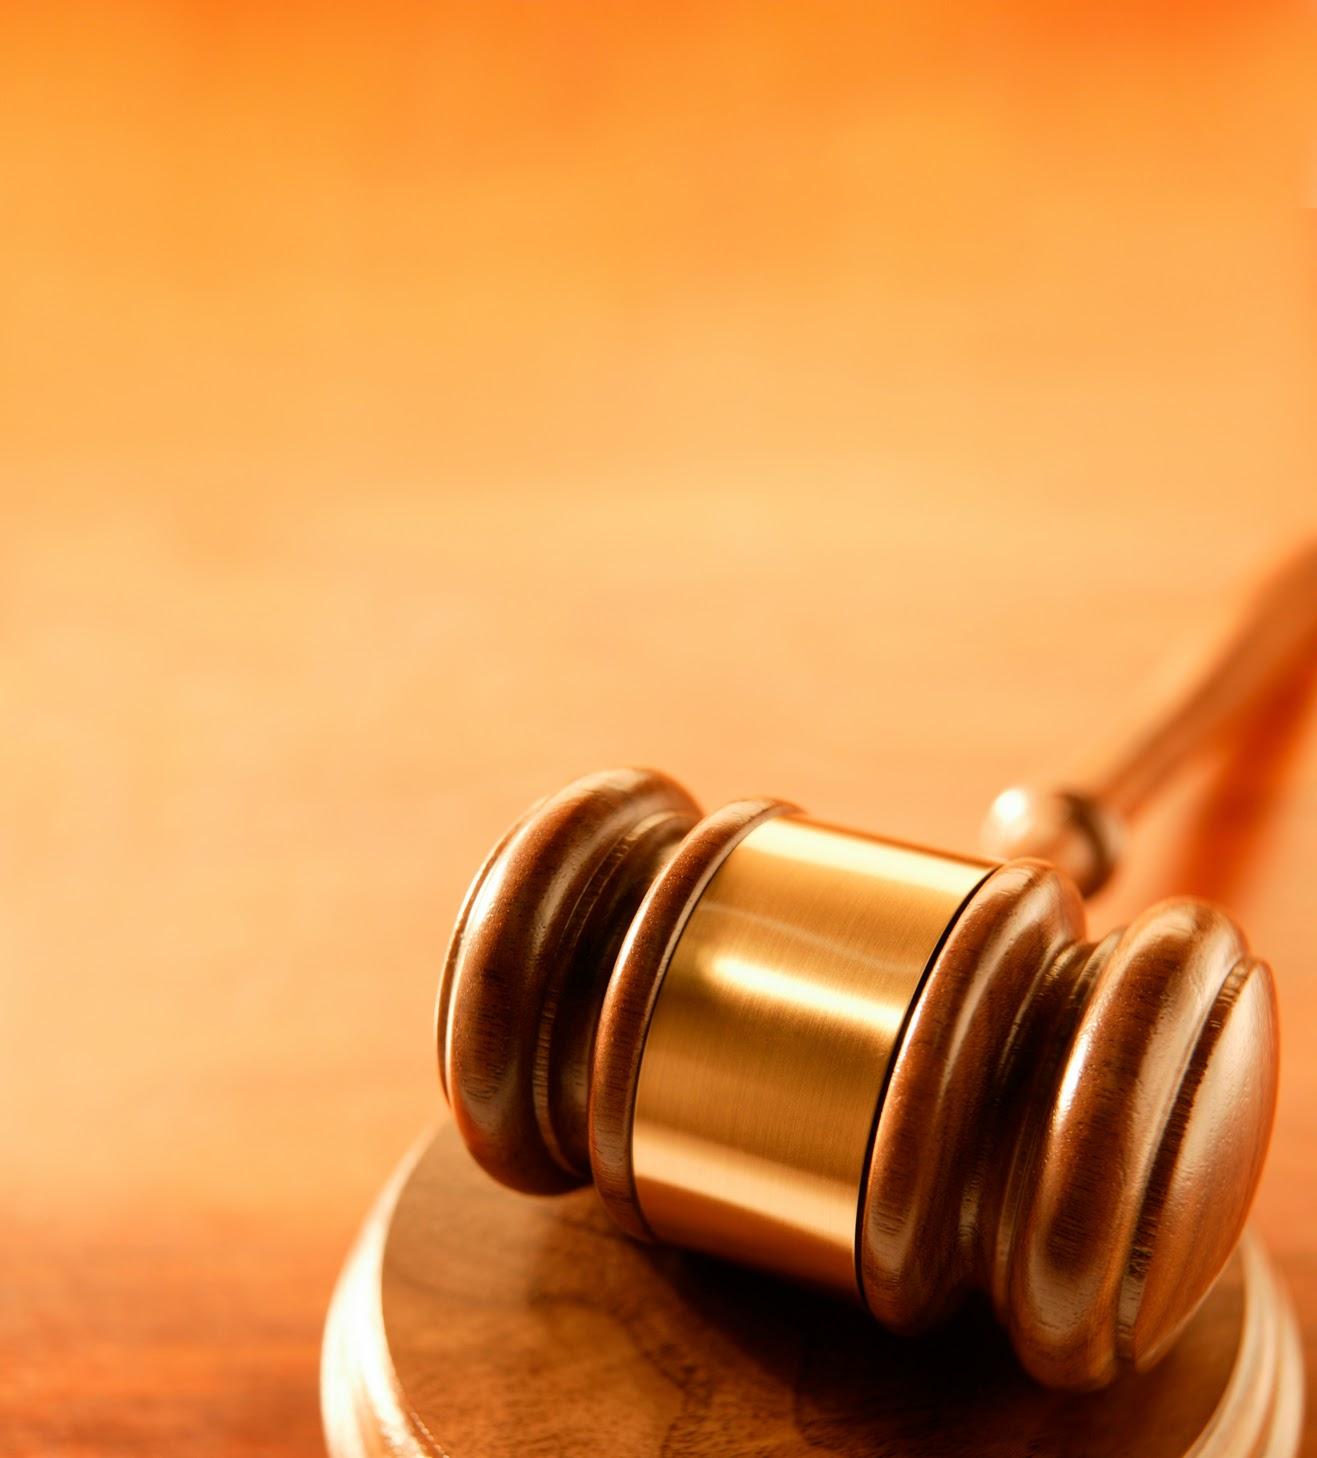 Perbuatan Melawan Hukum (Onrechtmatigdaad)